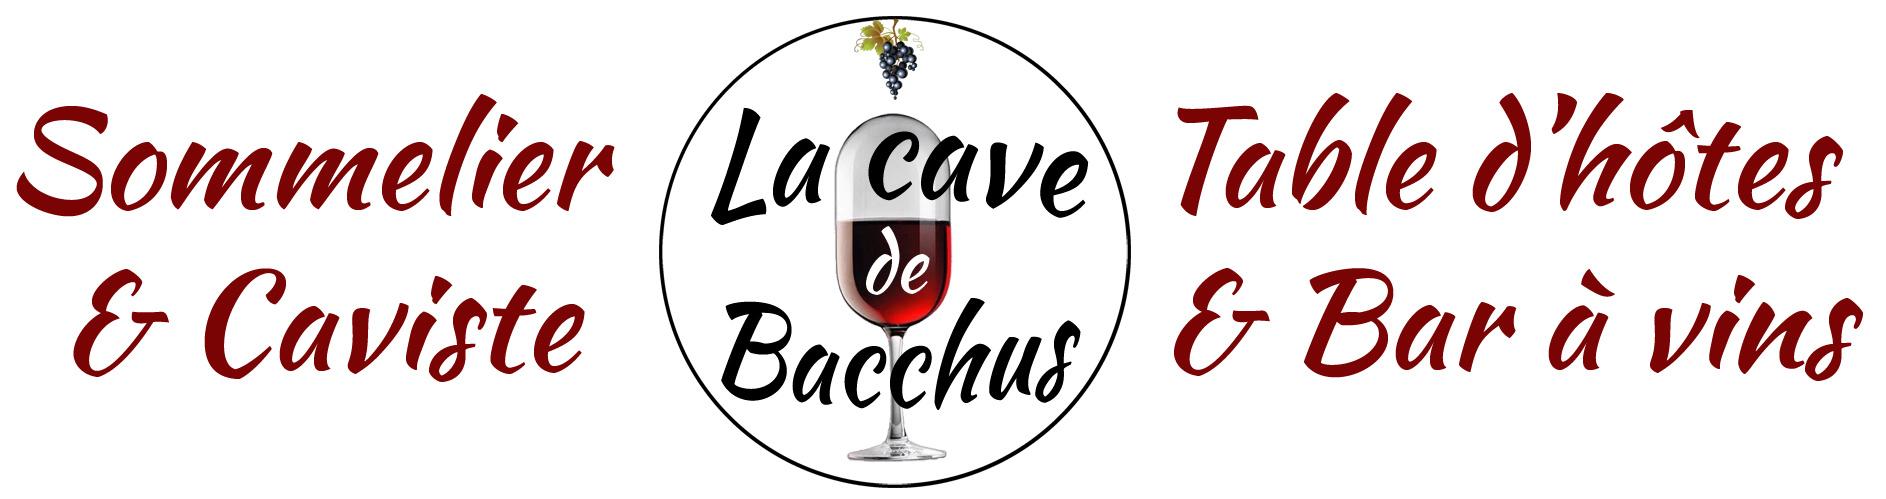 La cave de Bacchus